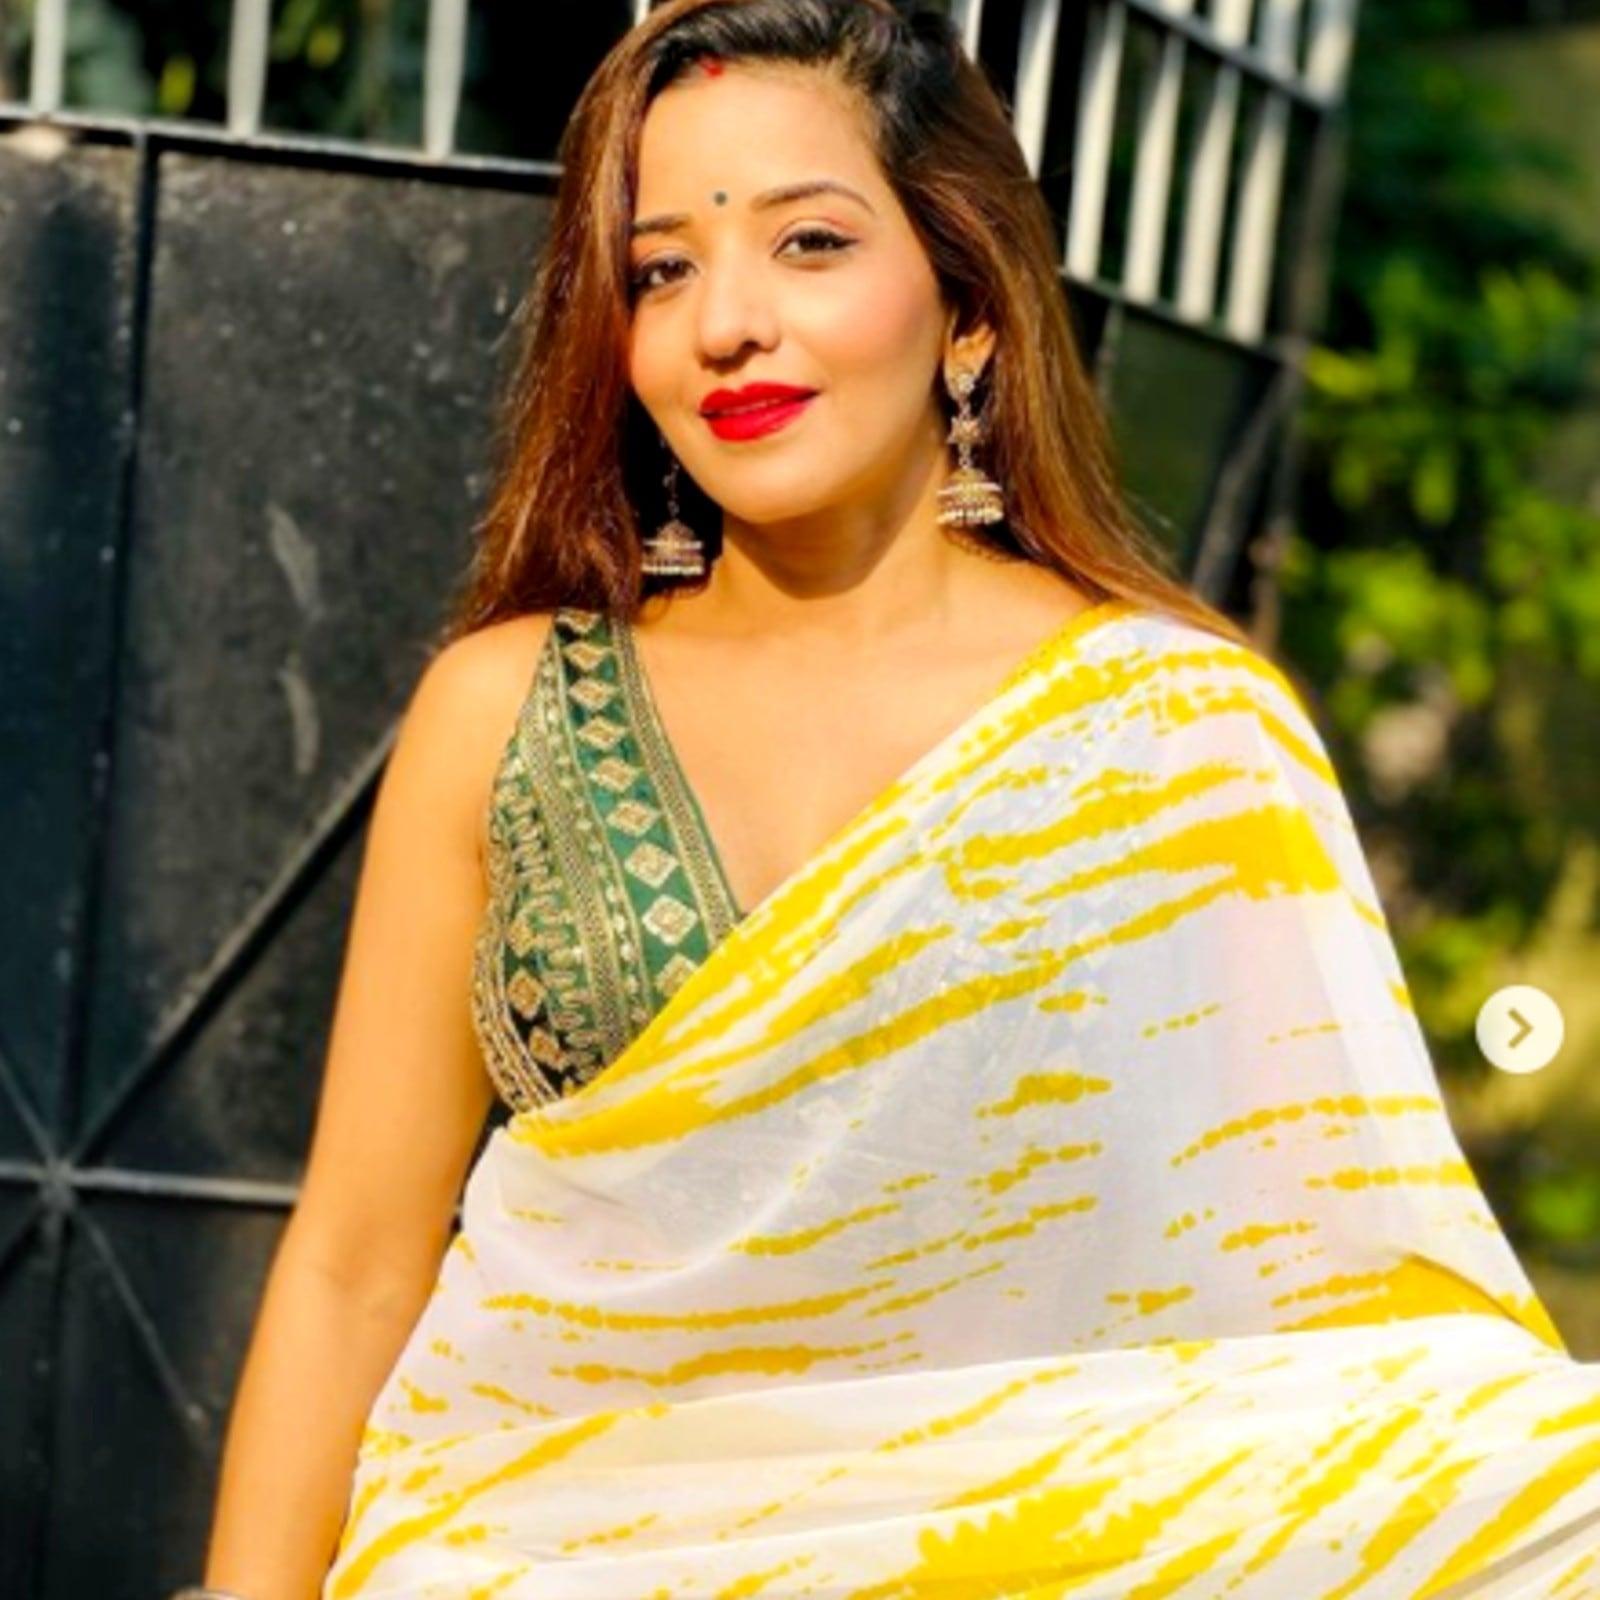 भोजपुरी एक्ट्रेस और टीवी सीरियल 'नजर' (Nazar) में 'डायन' की भूमिका से फेमस मोनालिसा (Monalisa) सोशल मीडिया पर काफी एक्टिव रहती हैं. वो हर दिन खुद से जुड़े फोटोज और वीडियोज इंस्टाग्राम पर शेयर करती रहती हैं. जहां वो बीते कुछ दिनों पहले अपनी मालदीव वेकेशन (Maldives Vacation) की फोटोज को लेकर चर्चा में थीं. वहीं, अब उन्होंने साड़ी में अपनी कुछ फोटोज शेयर की हैं, जिसमें उन्हें शानदार अंदाज में देखा जा सकता है. फैंस उनके ट्रैडिशनल अंदाज (Monalisa Traditional look) को काफी पसंद कर रहे हैं.